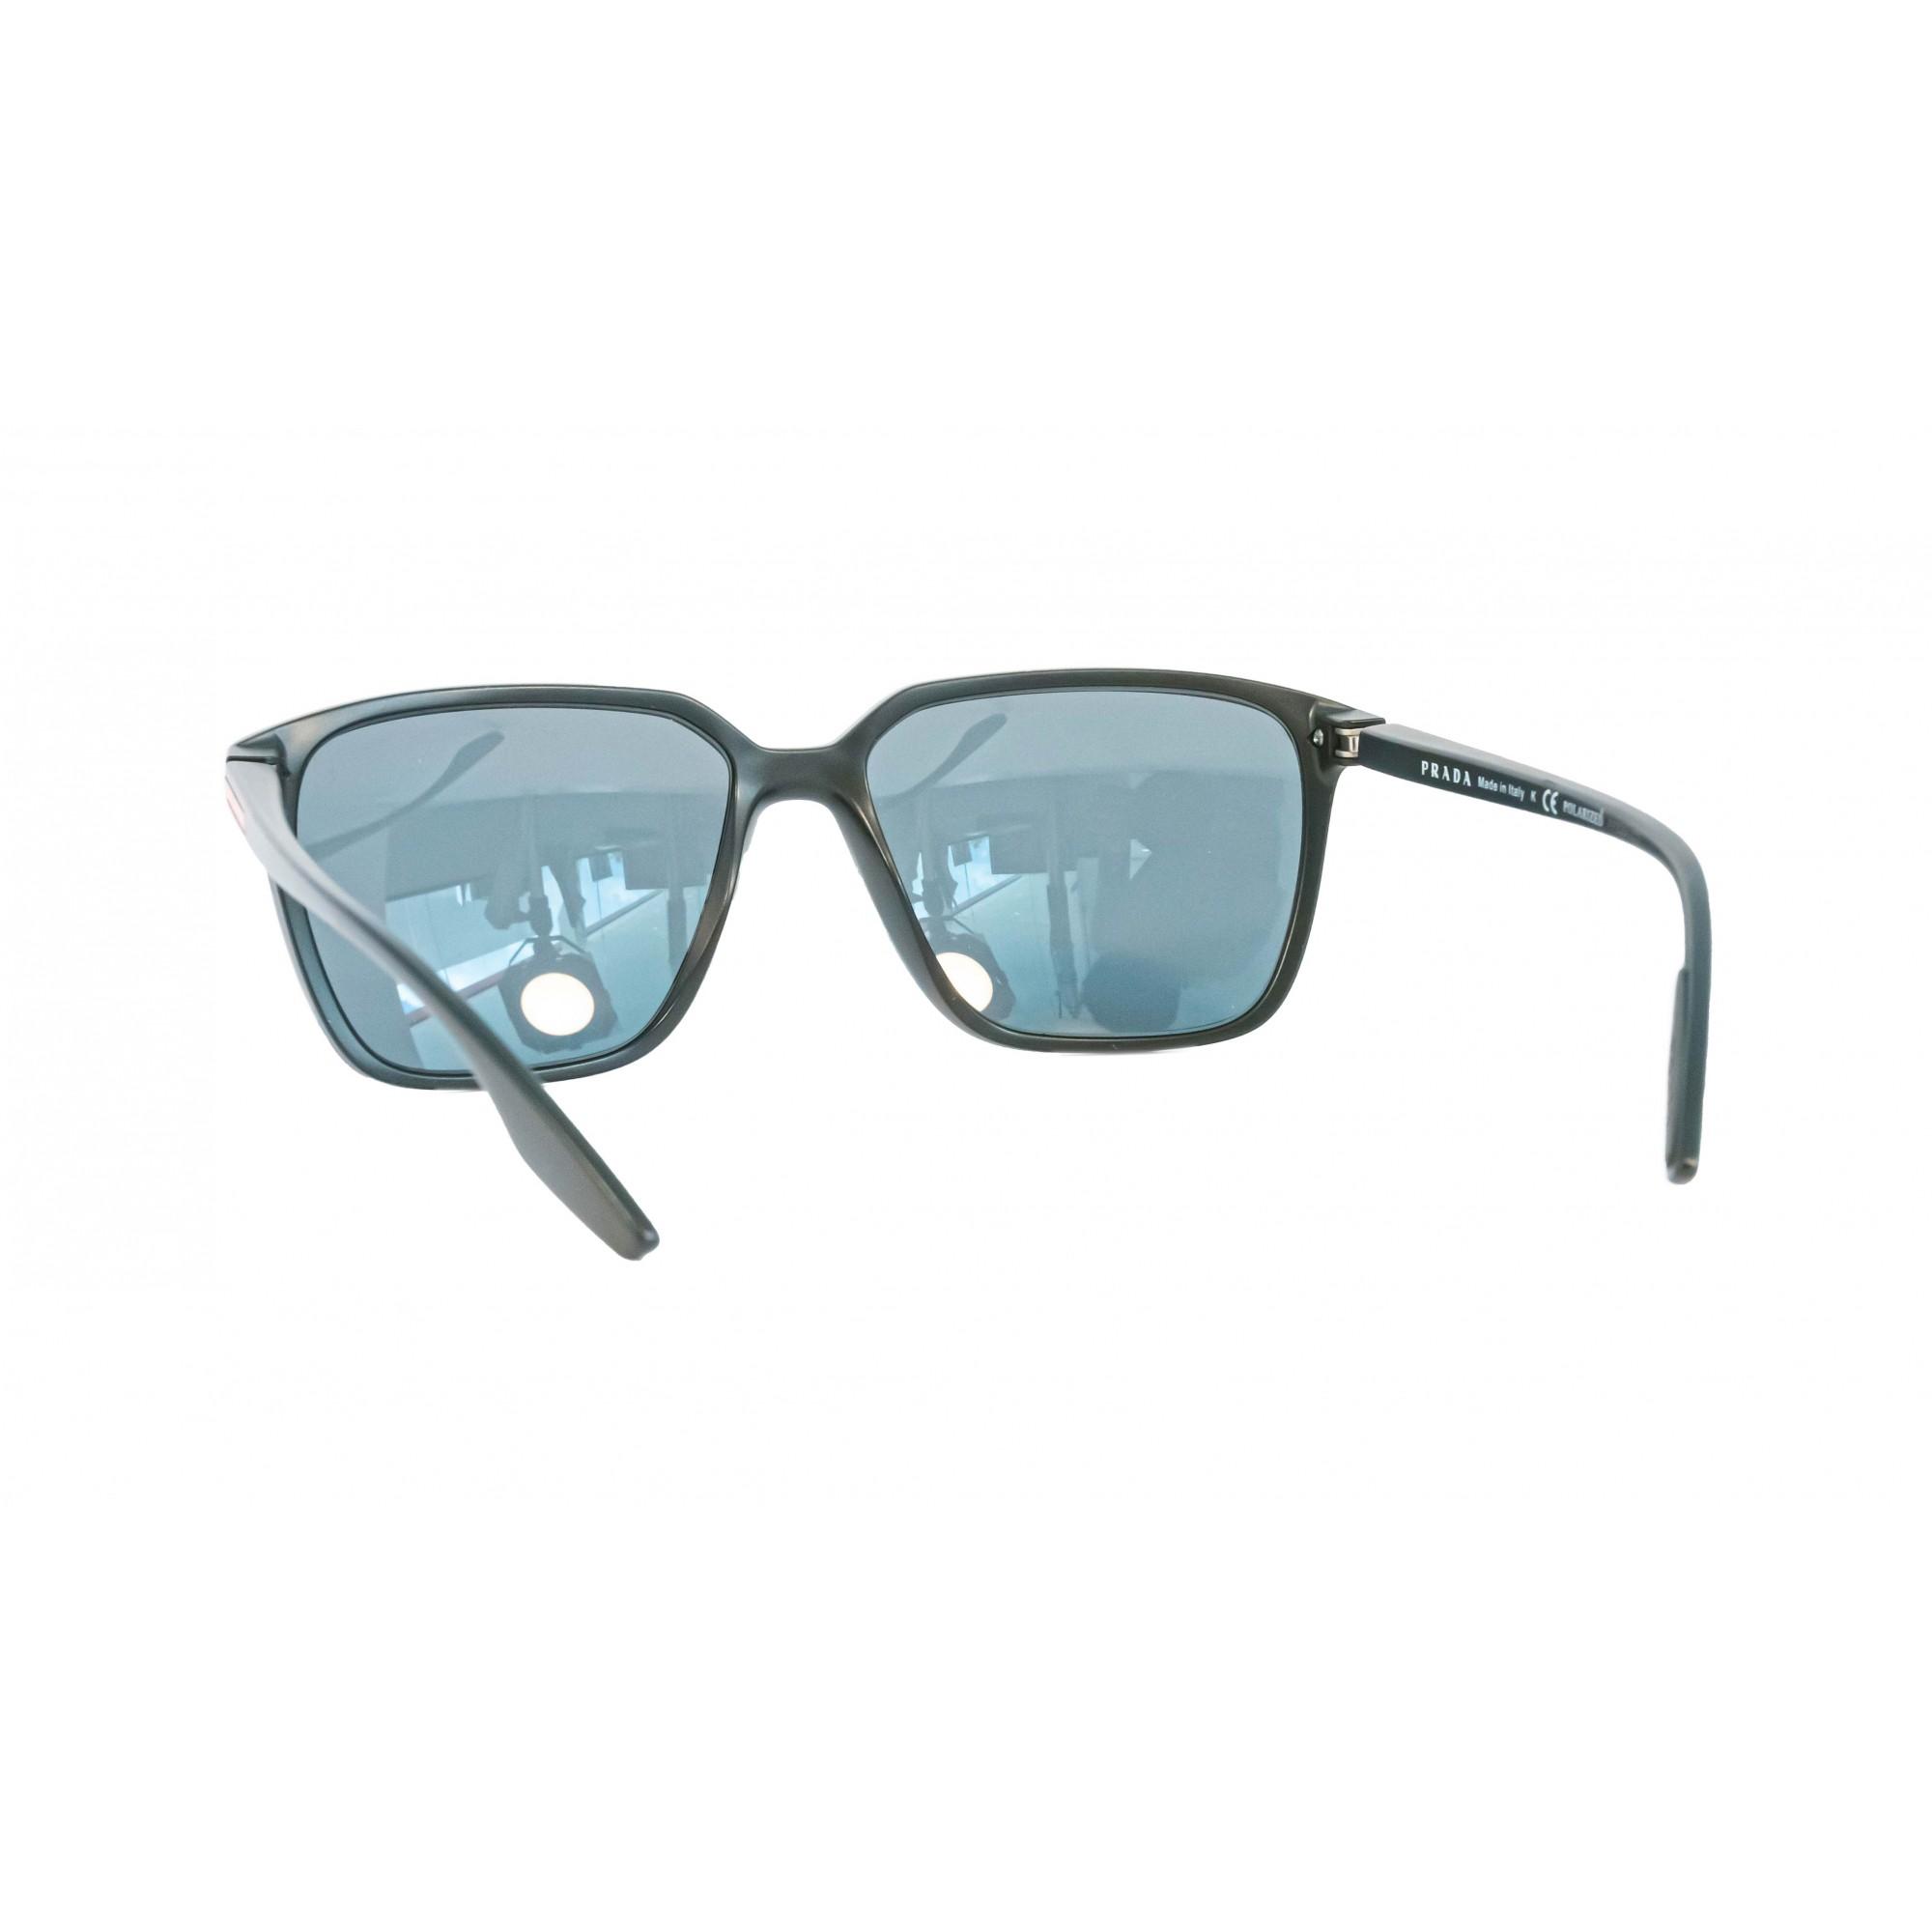 Óculos Prada Clássico Sps06v 1bo5z1 58 Preto